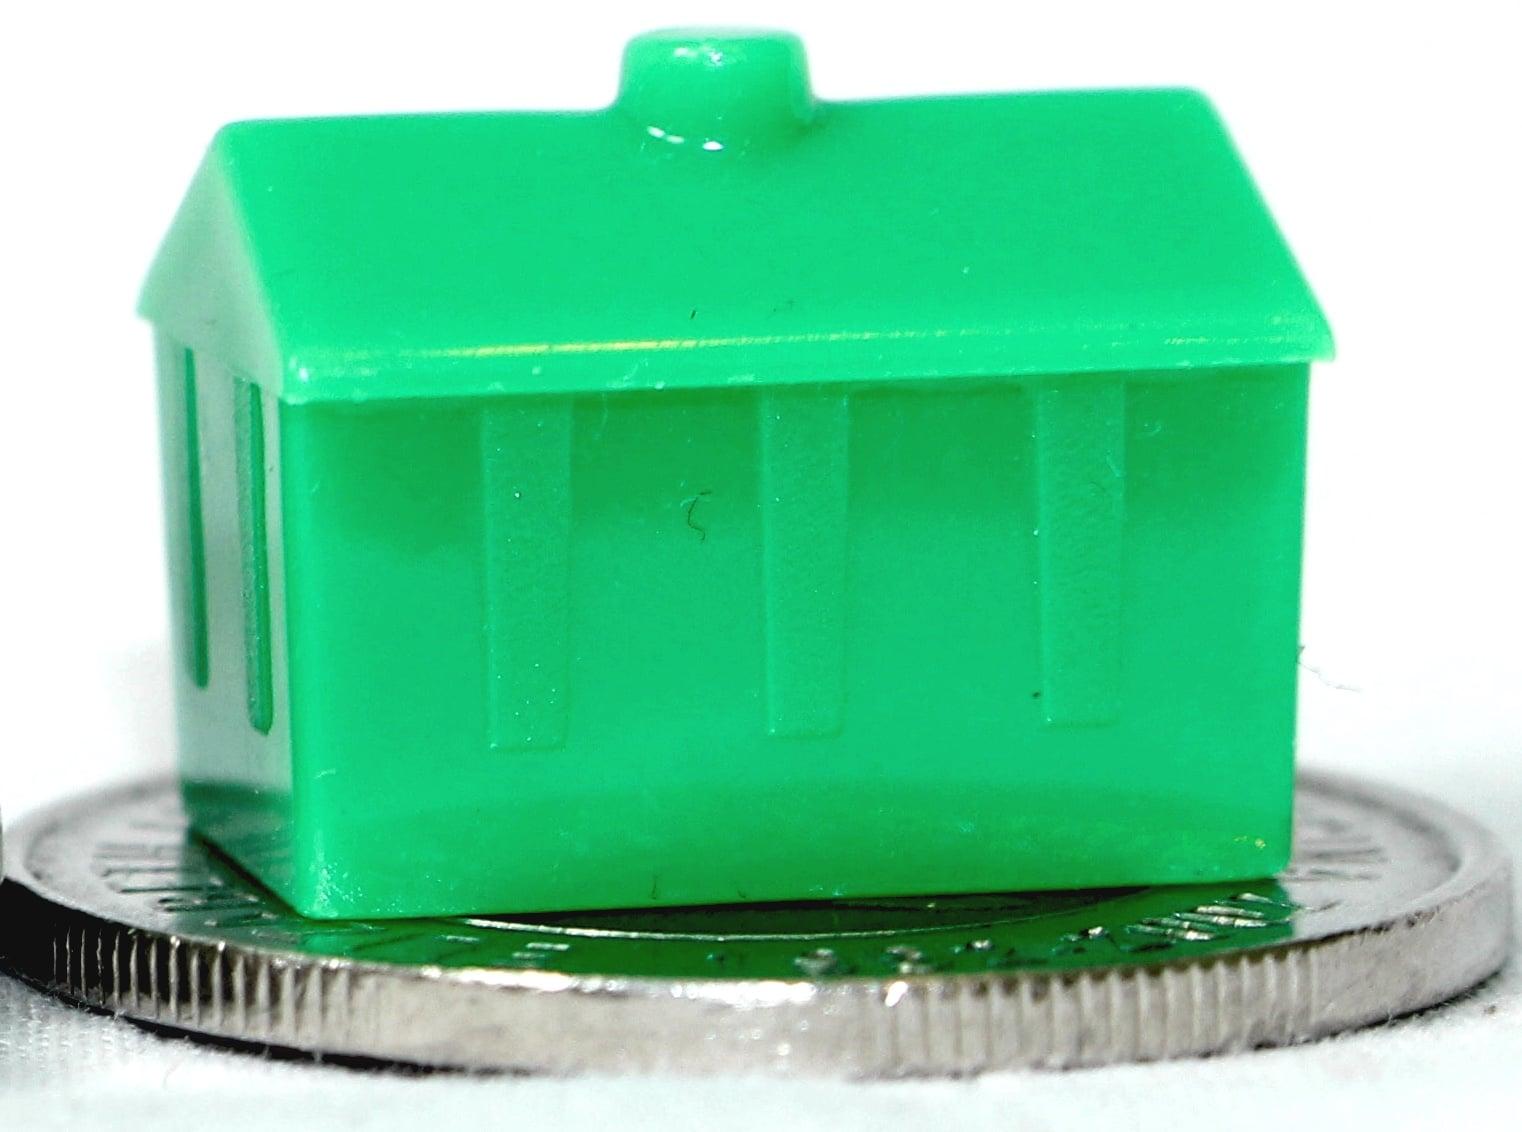 Acheter une maison sans mise de fonds conomies et cie for Acheter maison sans mise de fond